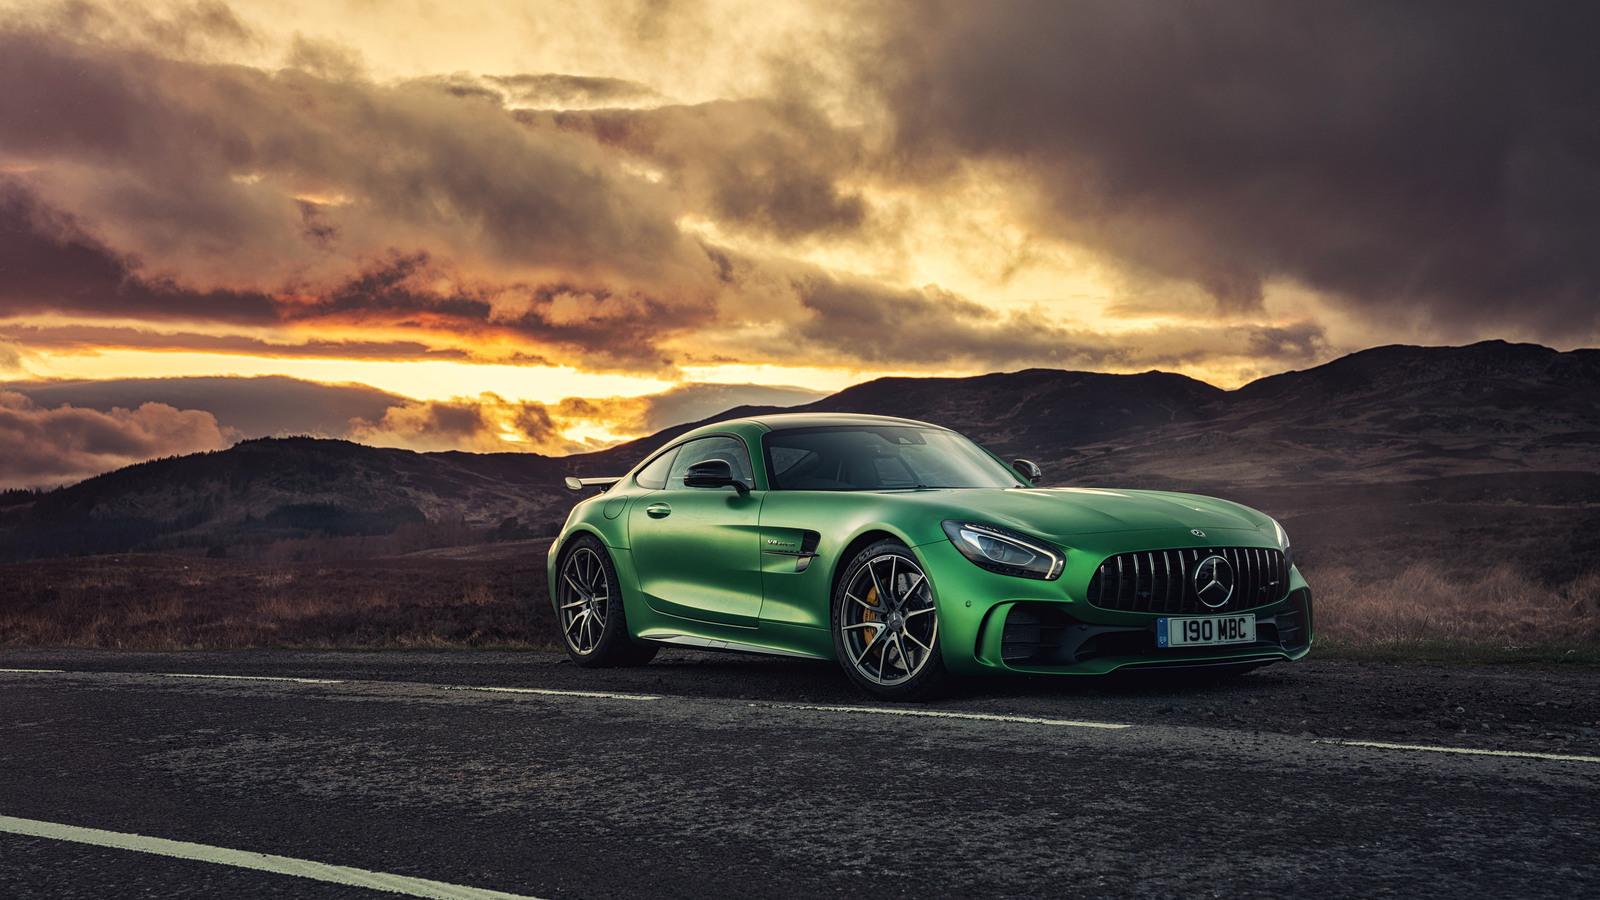 1600x900 Mercedes AMG GT R C190 2017 1600x900 Resolution ...